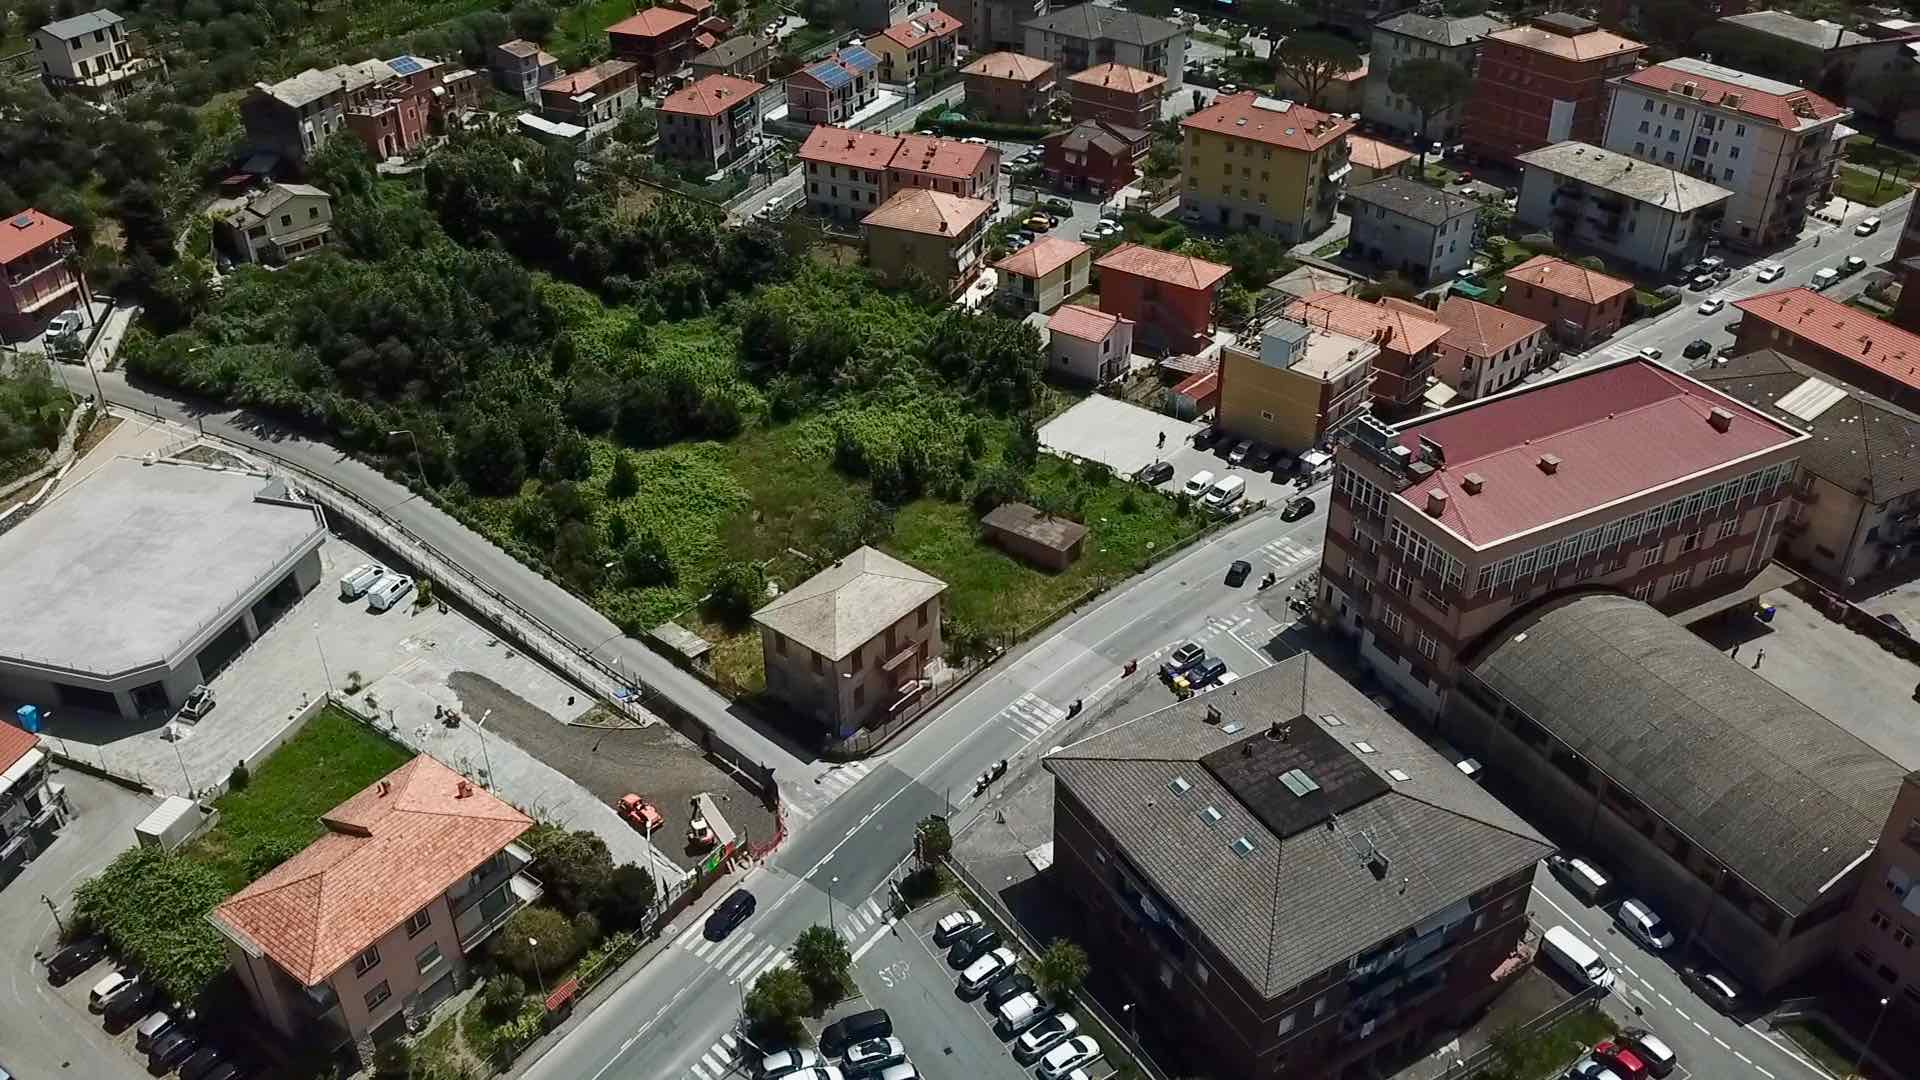 Centro San Salvatore - Villaggio del Ragazzo dall'alto 2019.06.25 10